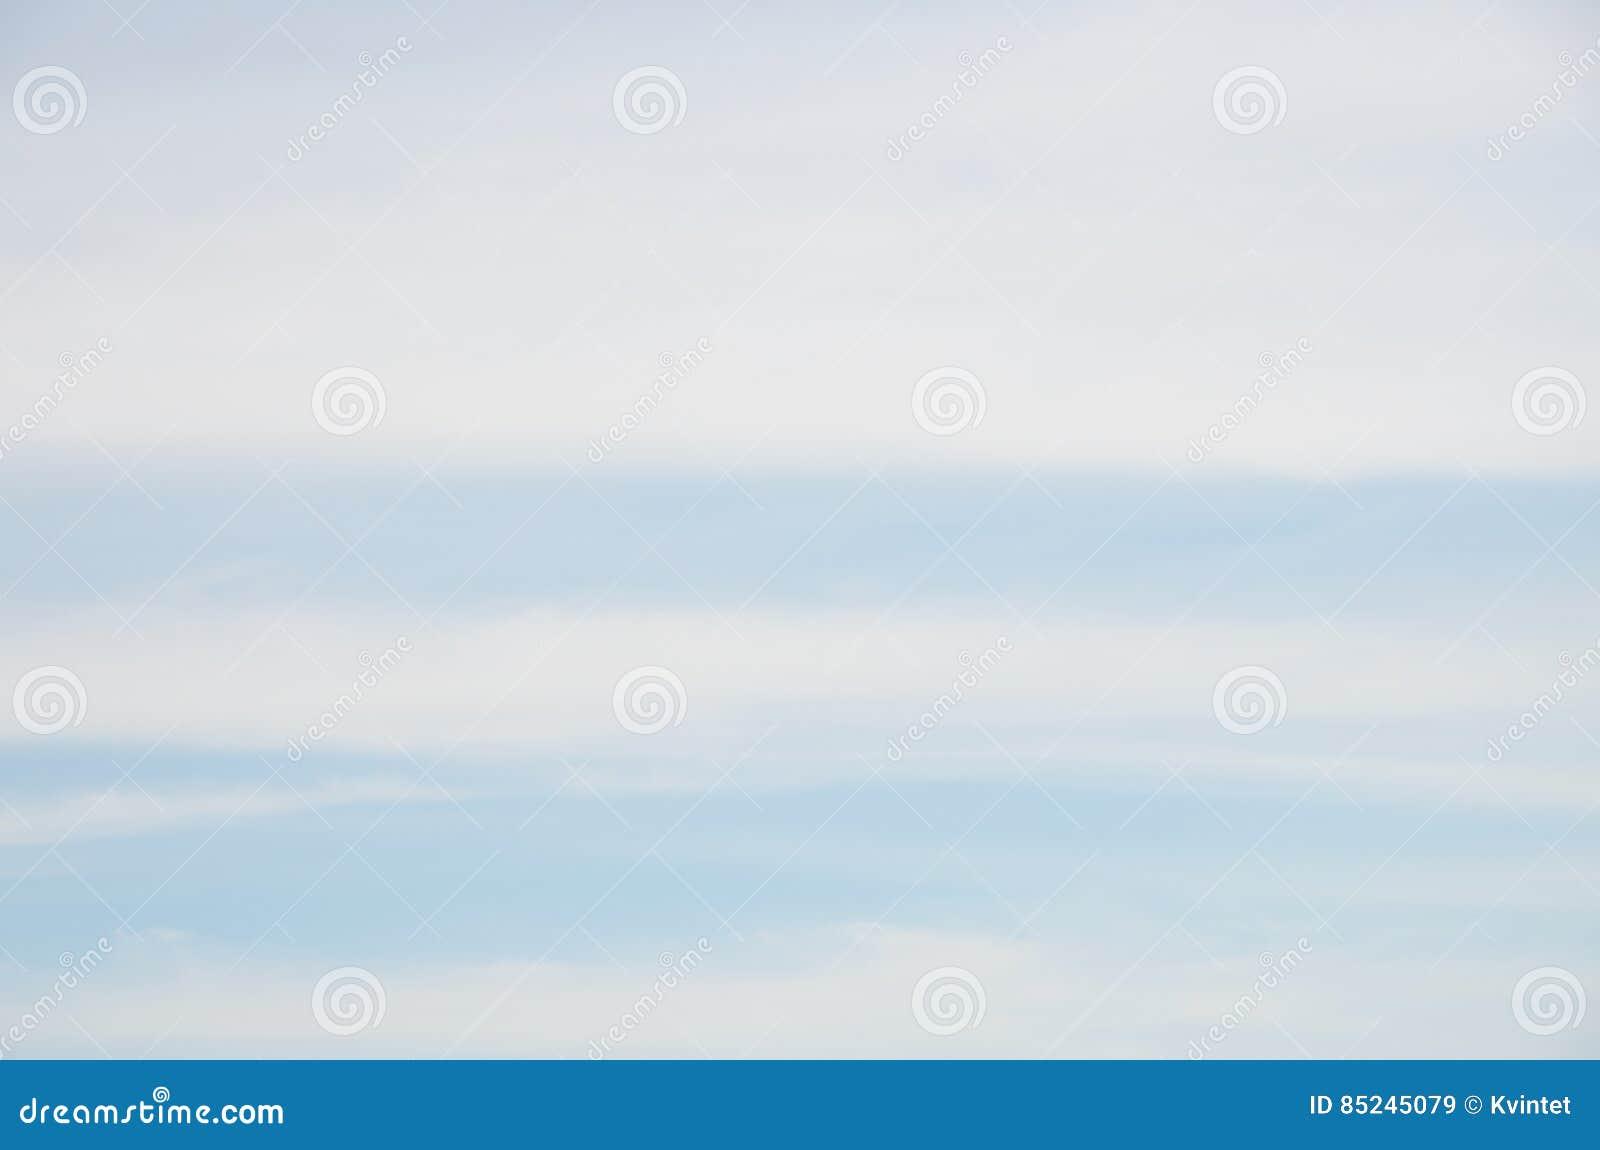 Abstrakter Hintergrund Von Weißen Wolken Der Breiten Streifen Auf ...